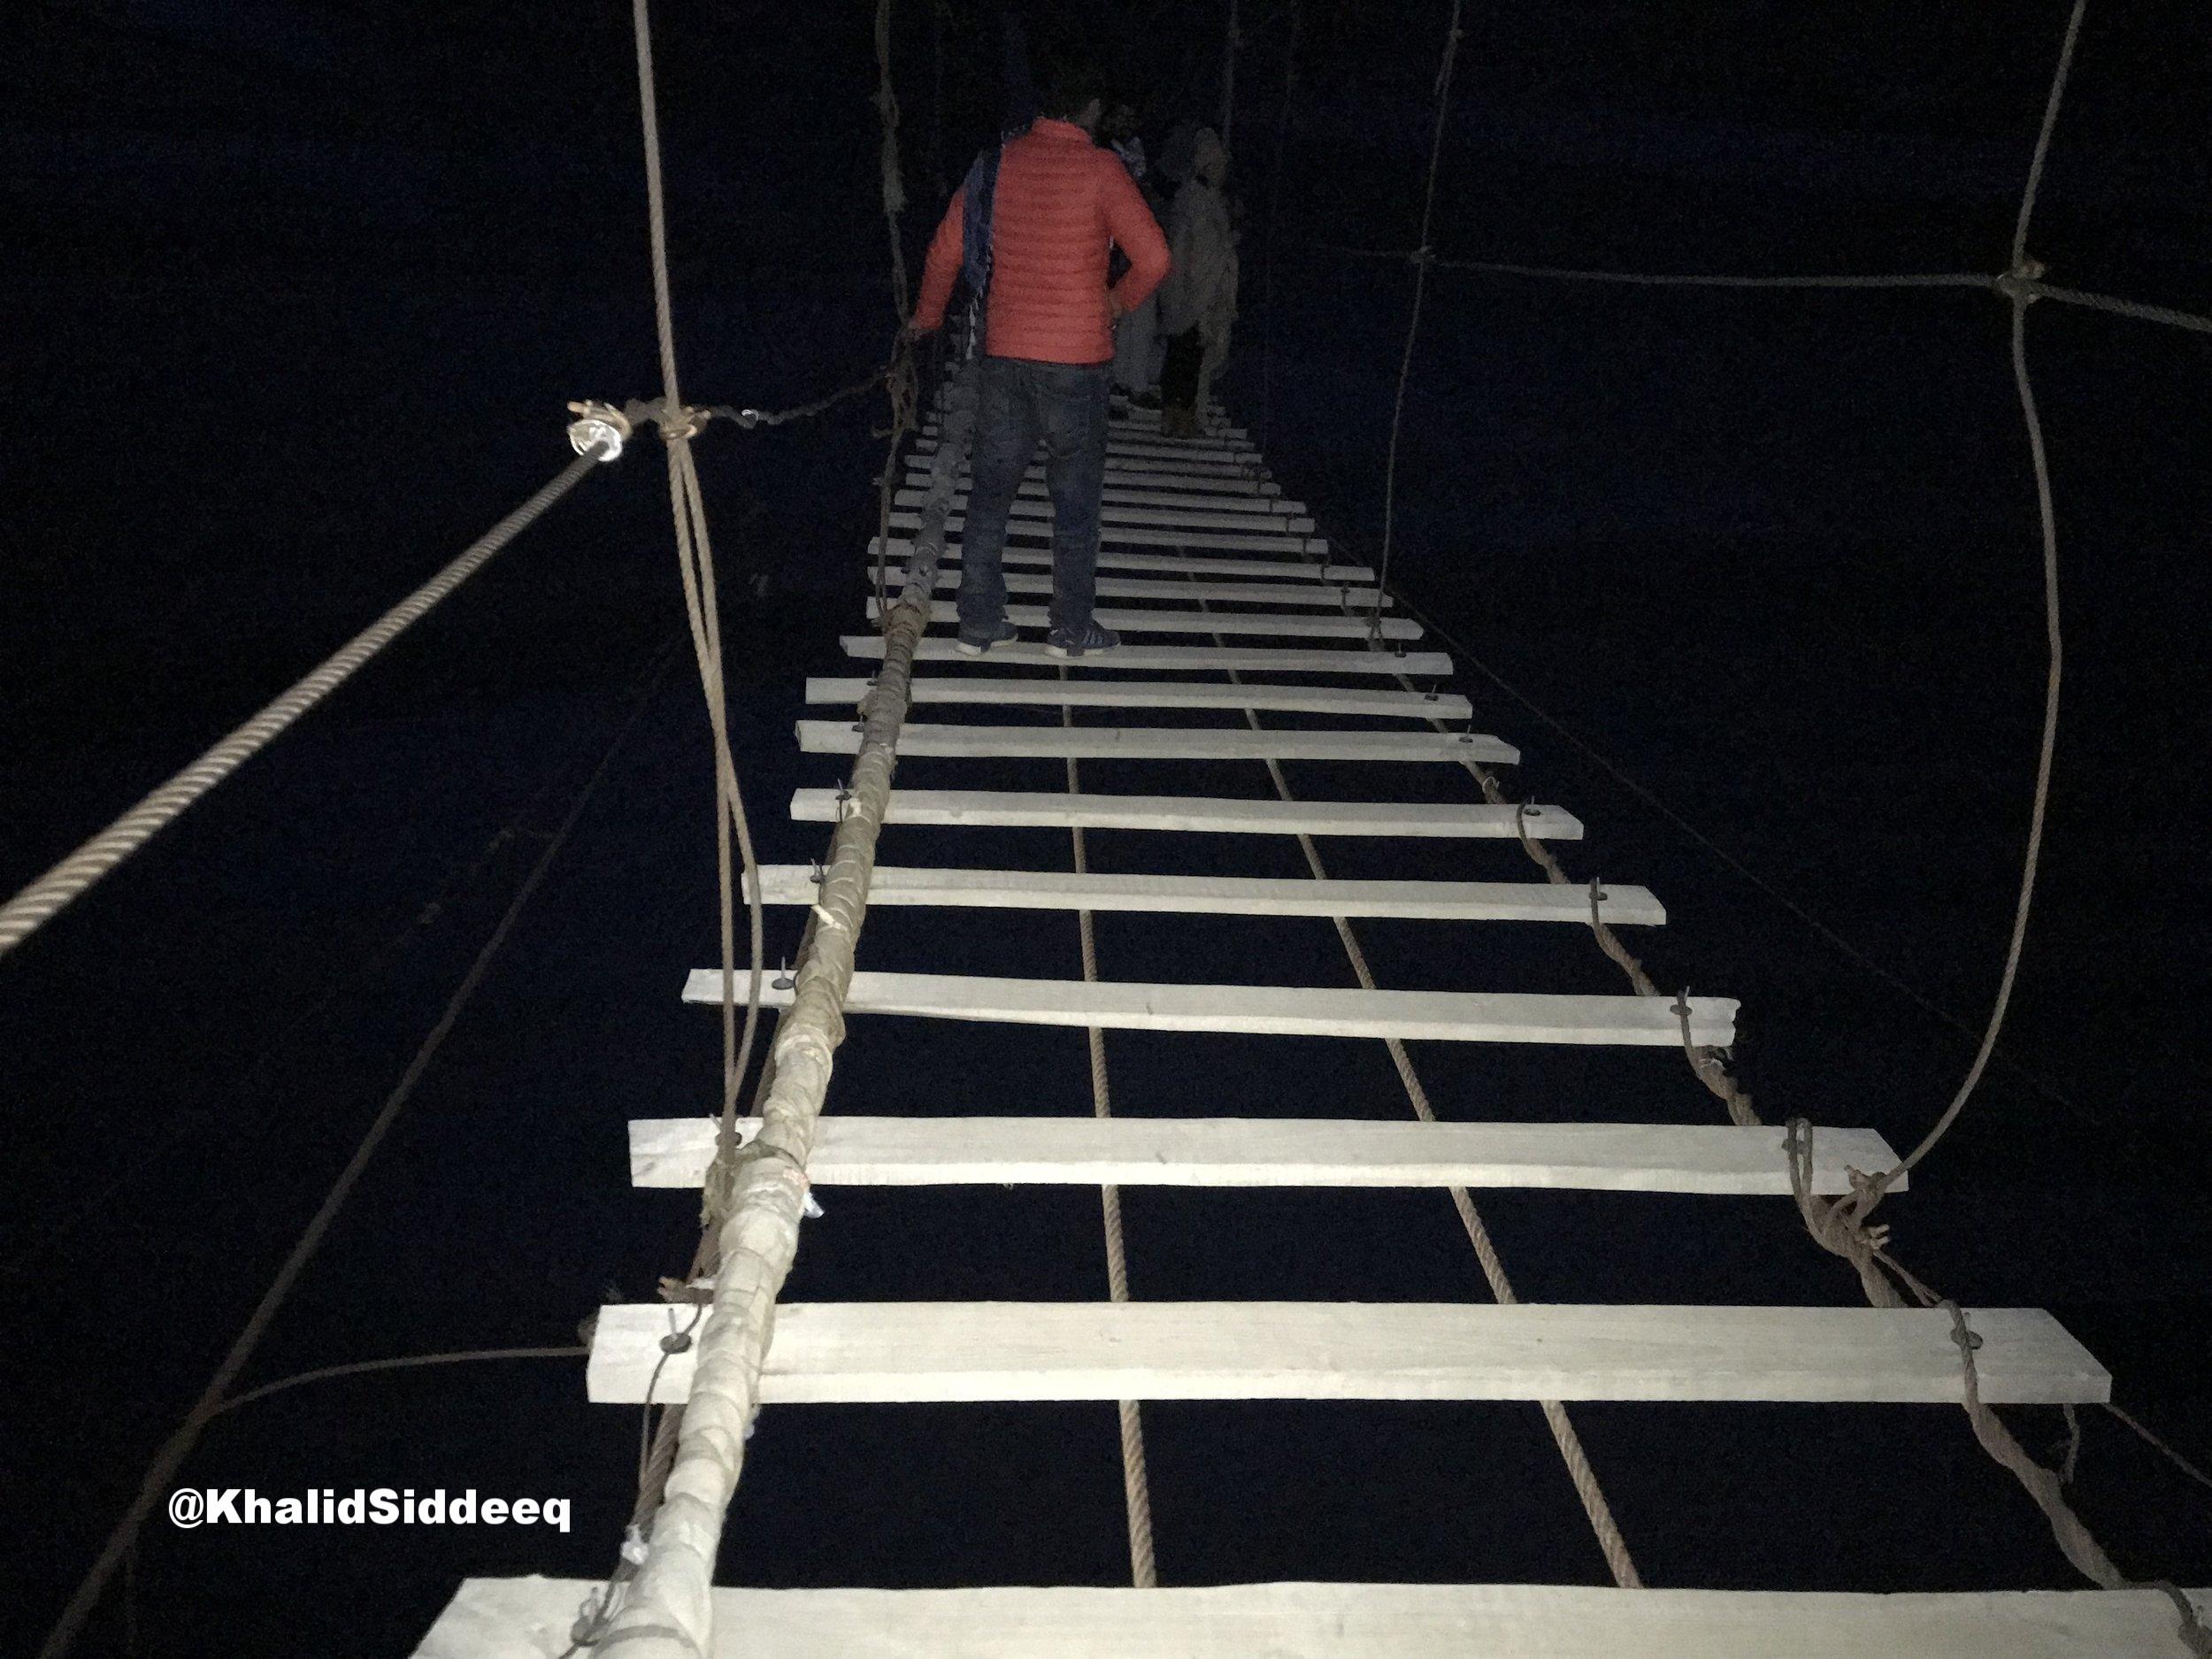 أعلى جسر خشبي في العالم - تخيل أن تسير على جسر خشبي هو الأخطر والأعلى في العالم، ليلاً، وفي أجواء باردة، وتقوم بالتصوير أيضاً